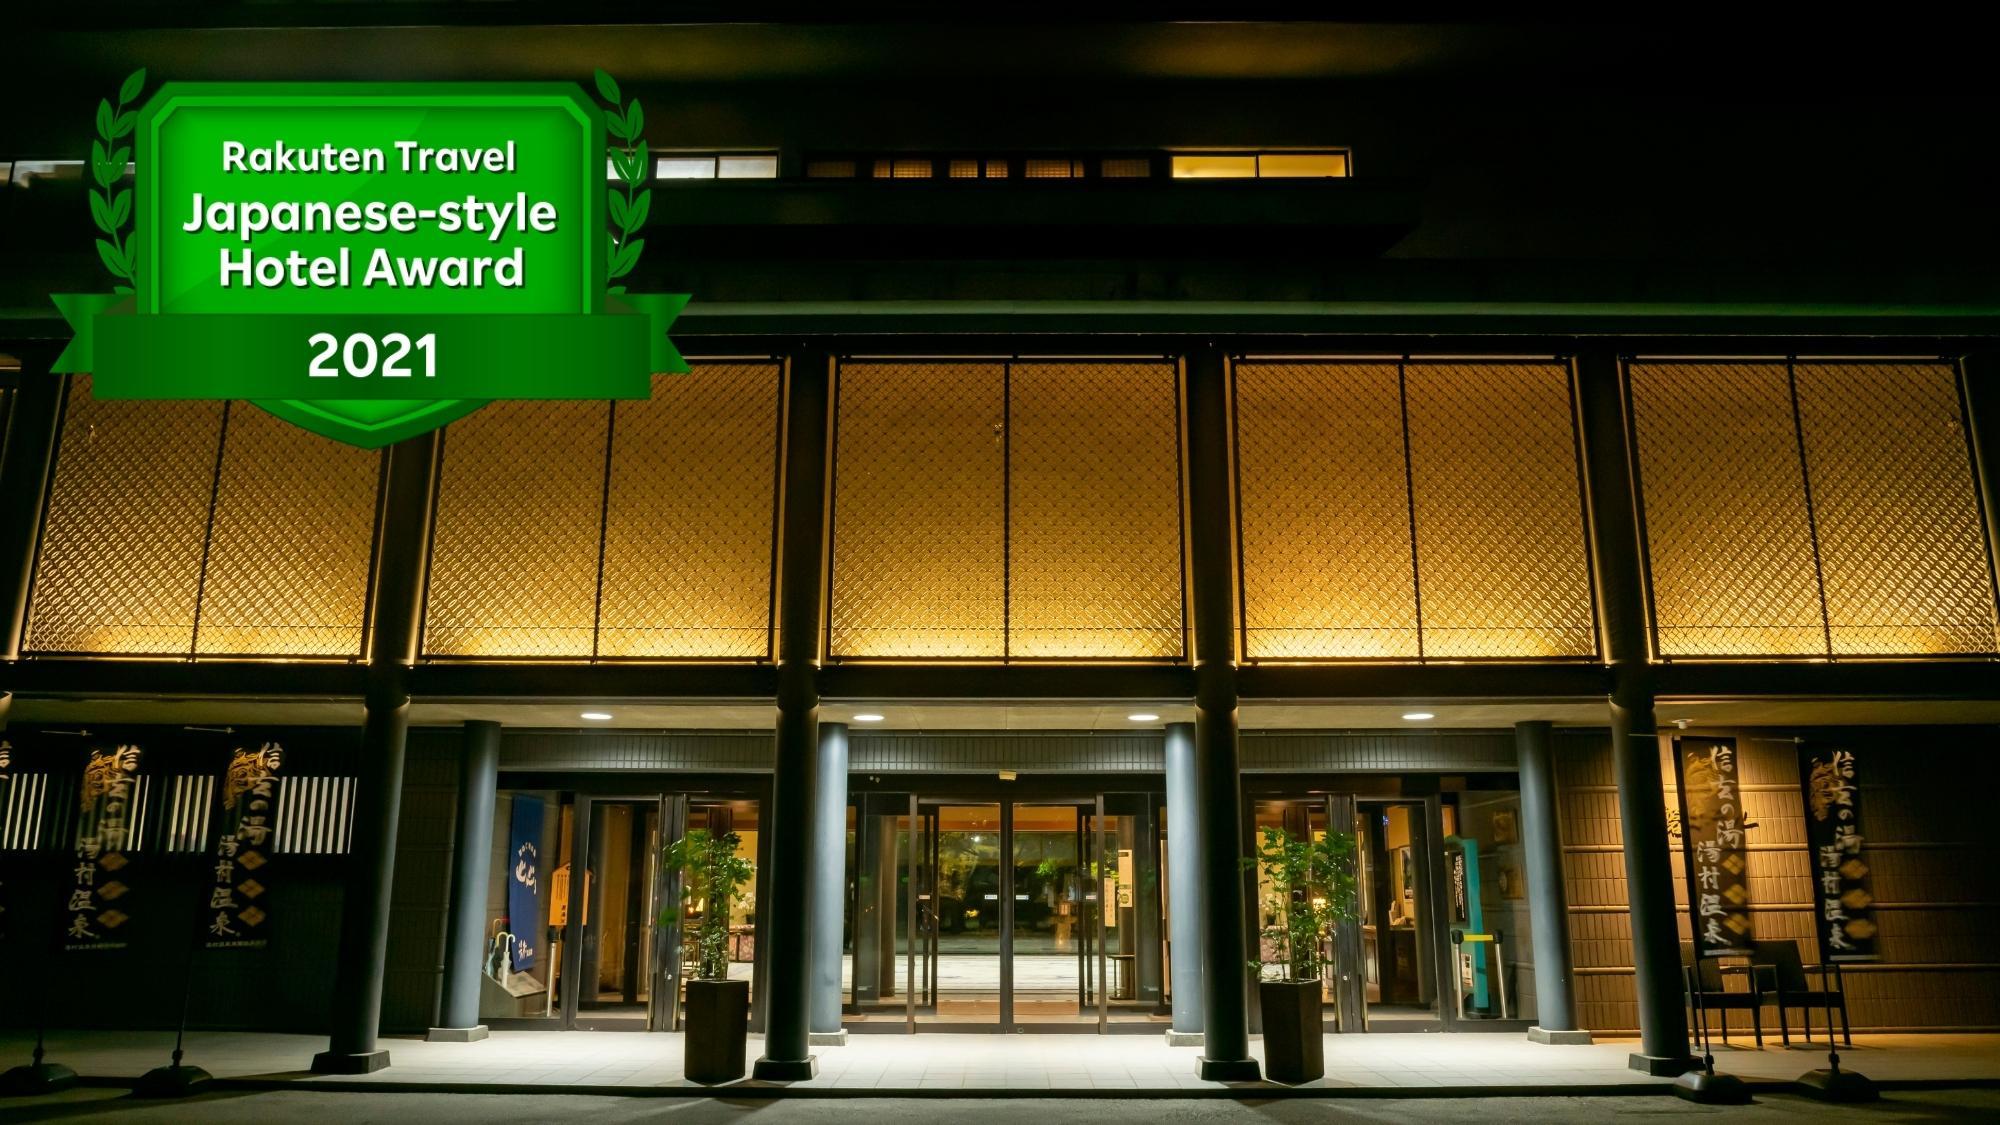 山梨県甲府市近辺でお勧め温泉旅館、ホテルはありませんか